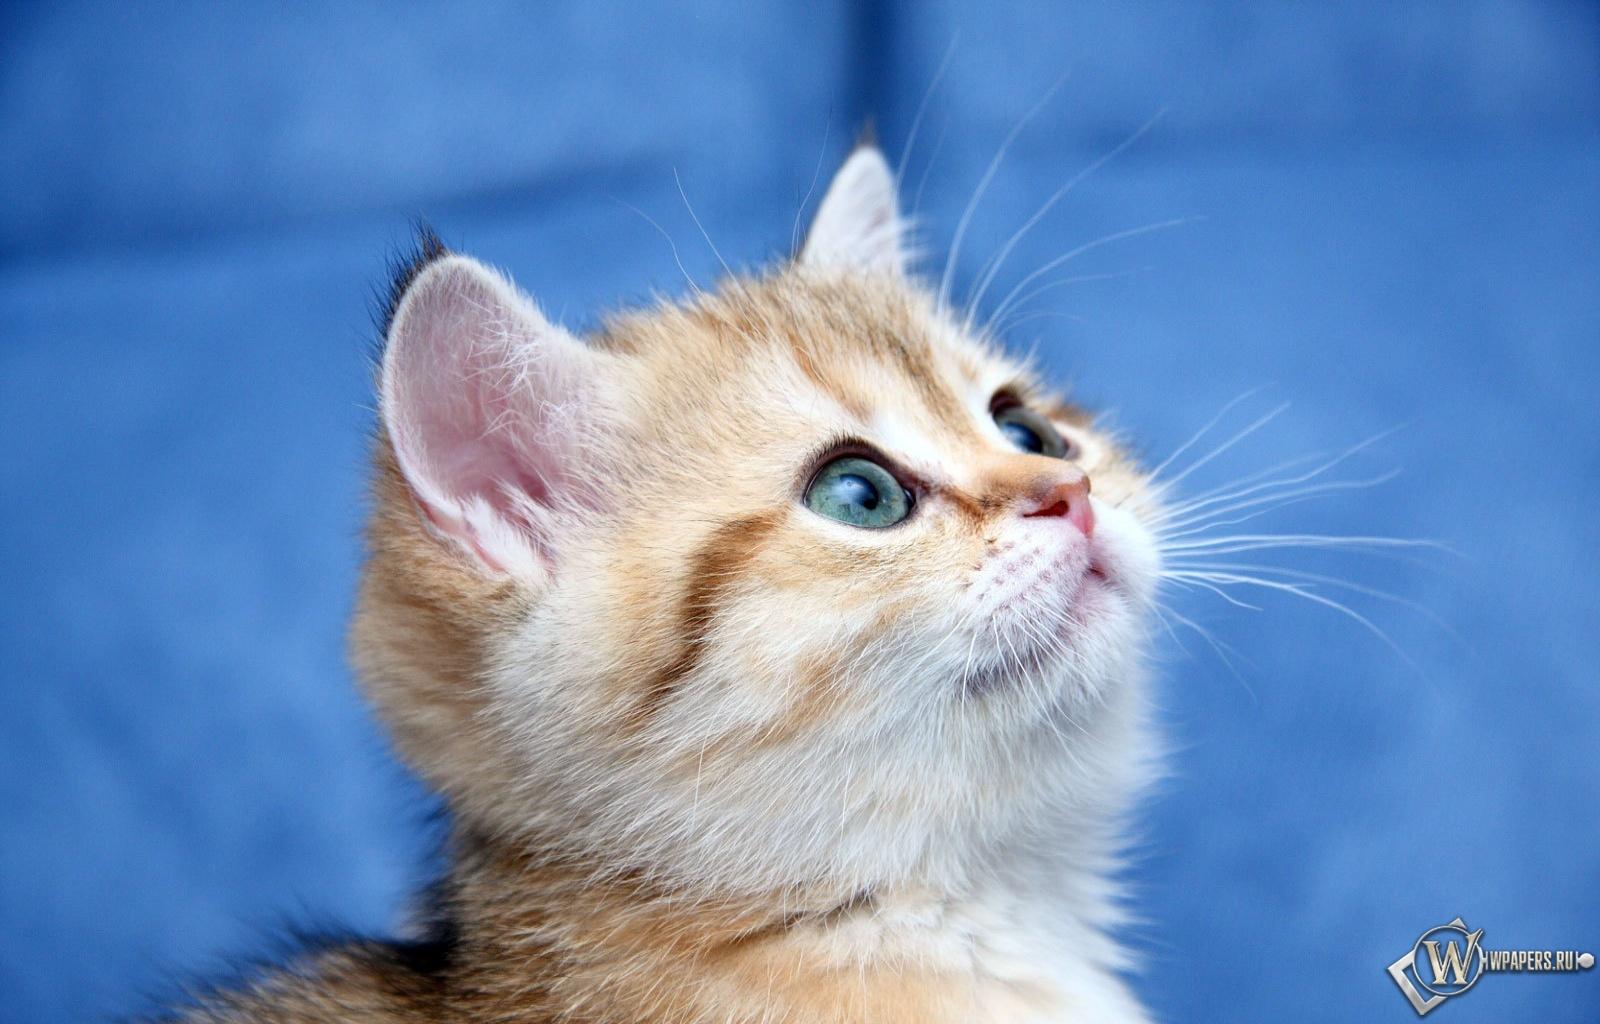 Милый котёнок 1600x1024